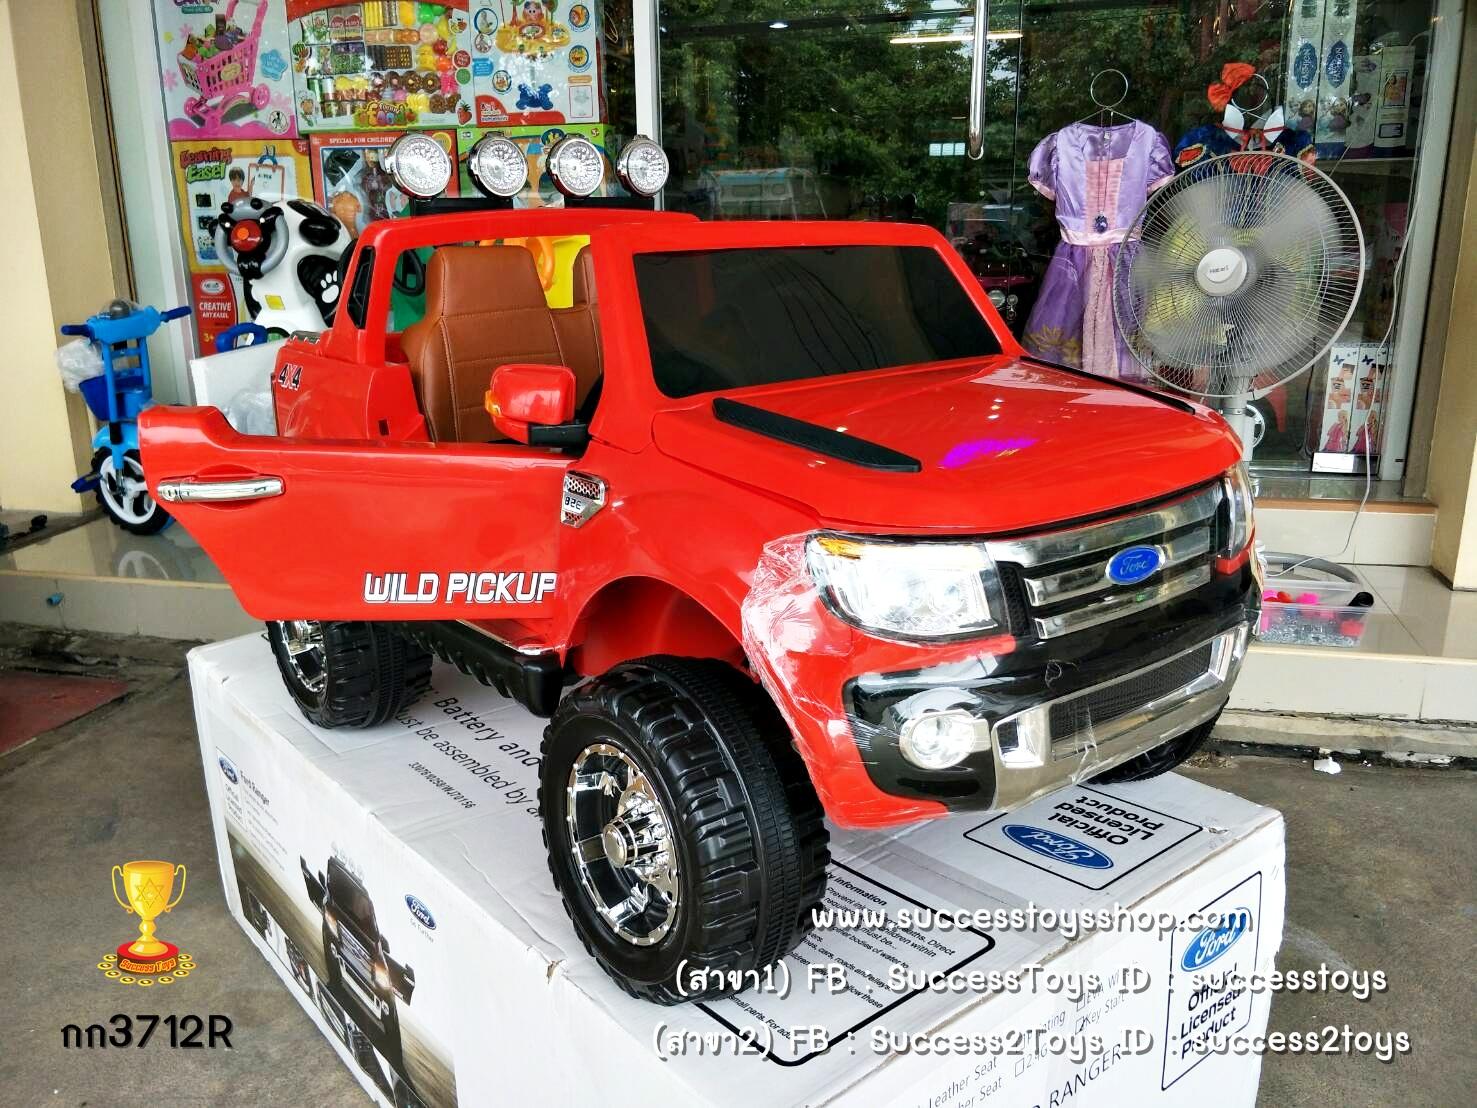 LNS858R รถกระบะฟอร์ด(งานเทียบ) สีแดง (5มอเตอร์)